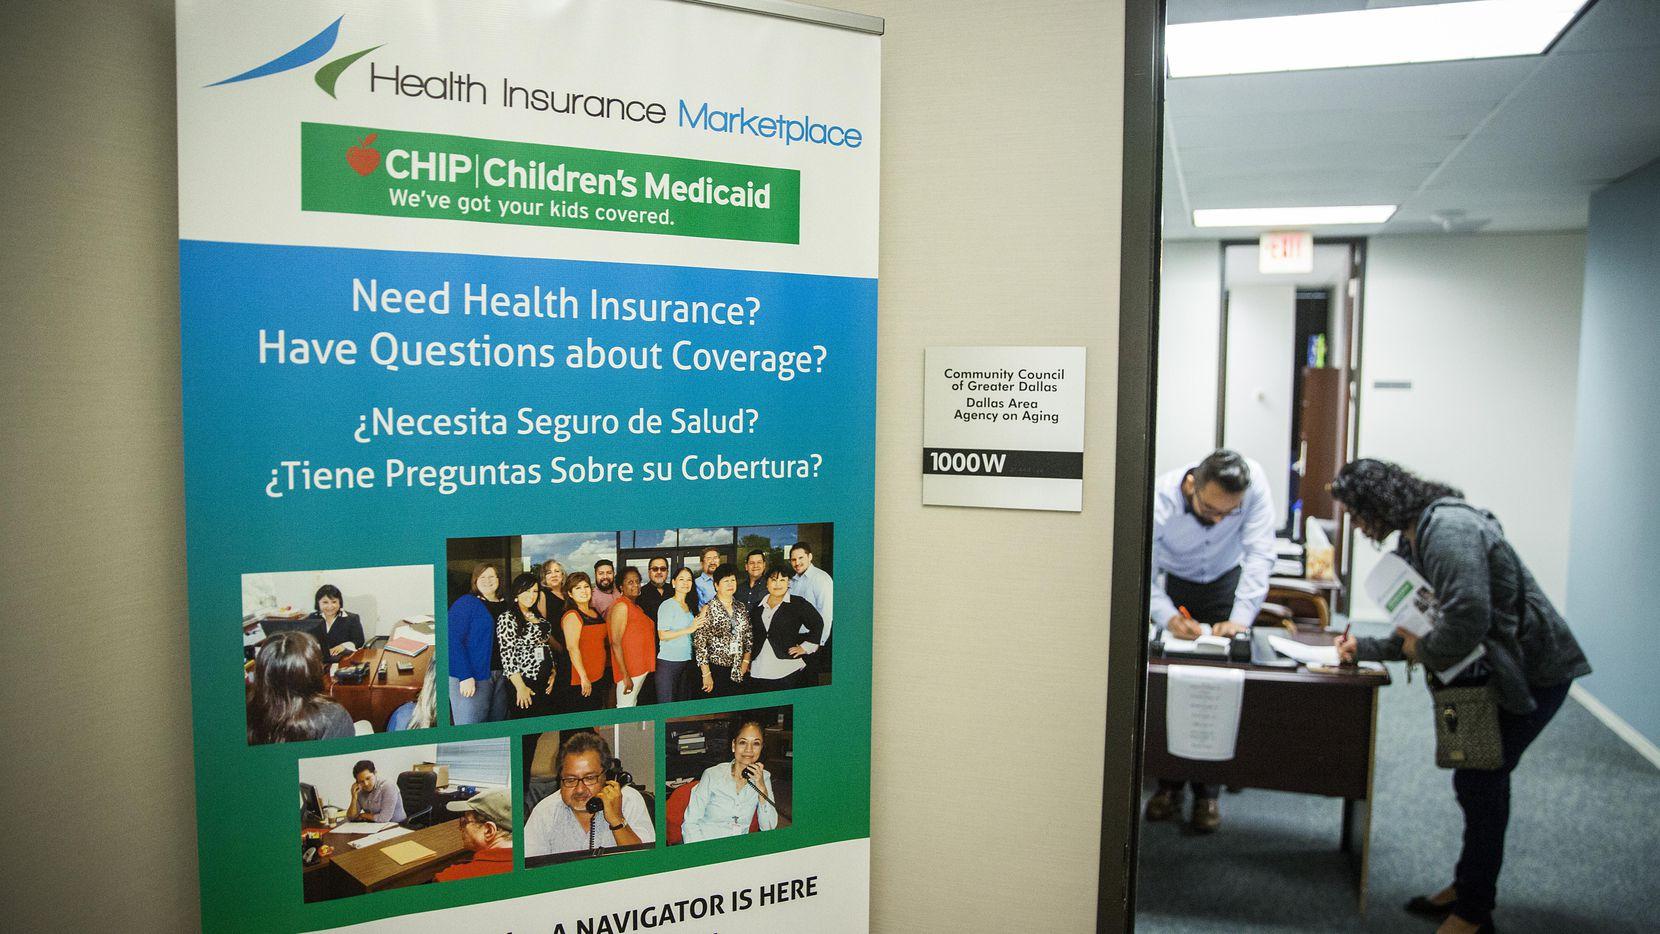 Pese a la nula publicidad del gobierno, 1.1 millones de texanos se inscribieron en el seguro bajo la Ley de Salud Accesible el año pasado. (DMN/SMILEY N. POOL)